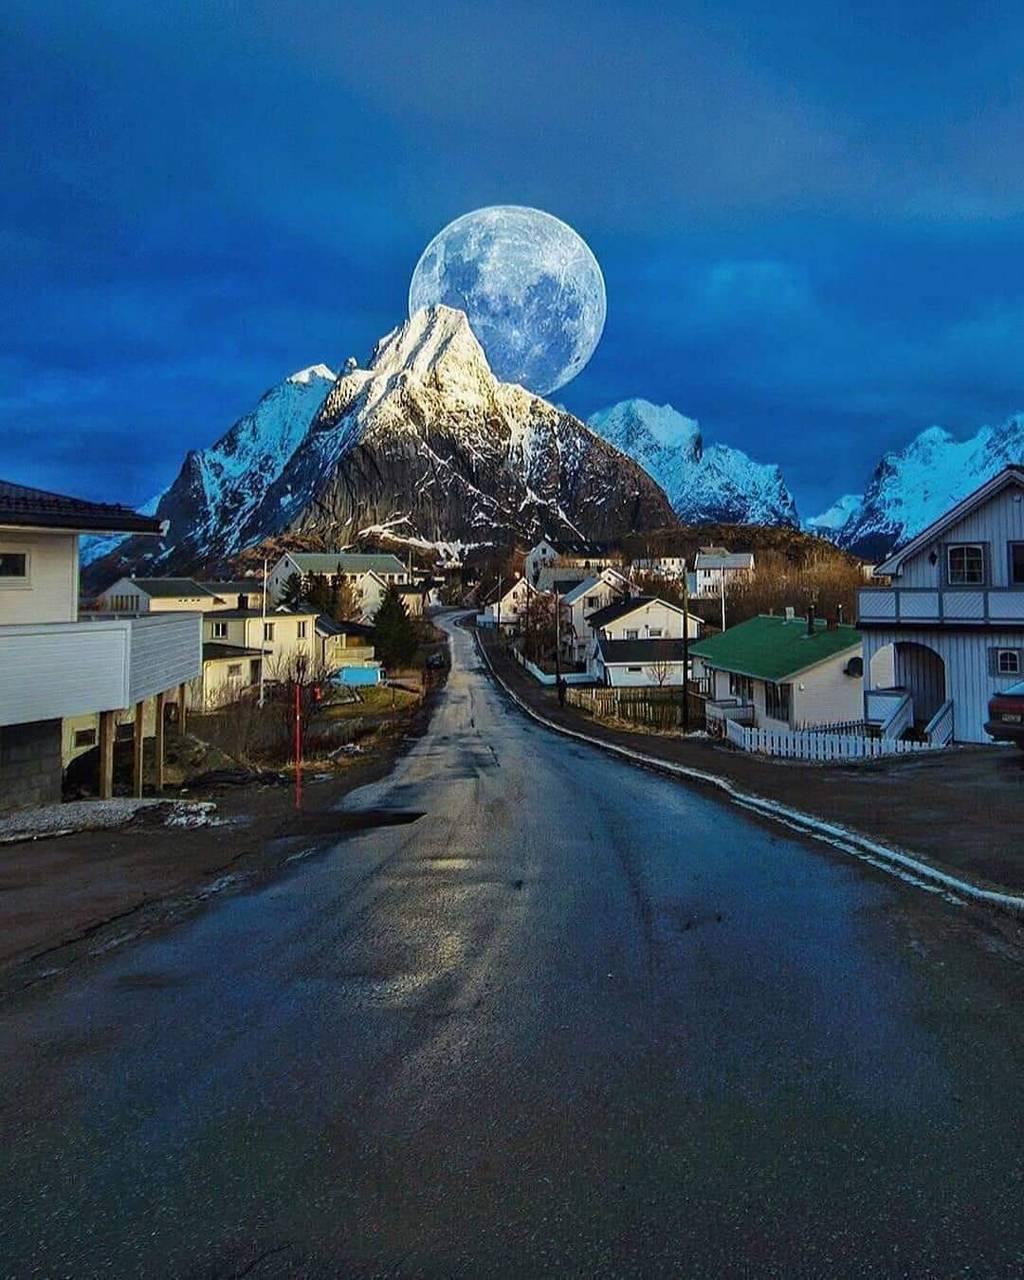 Noruega moon